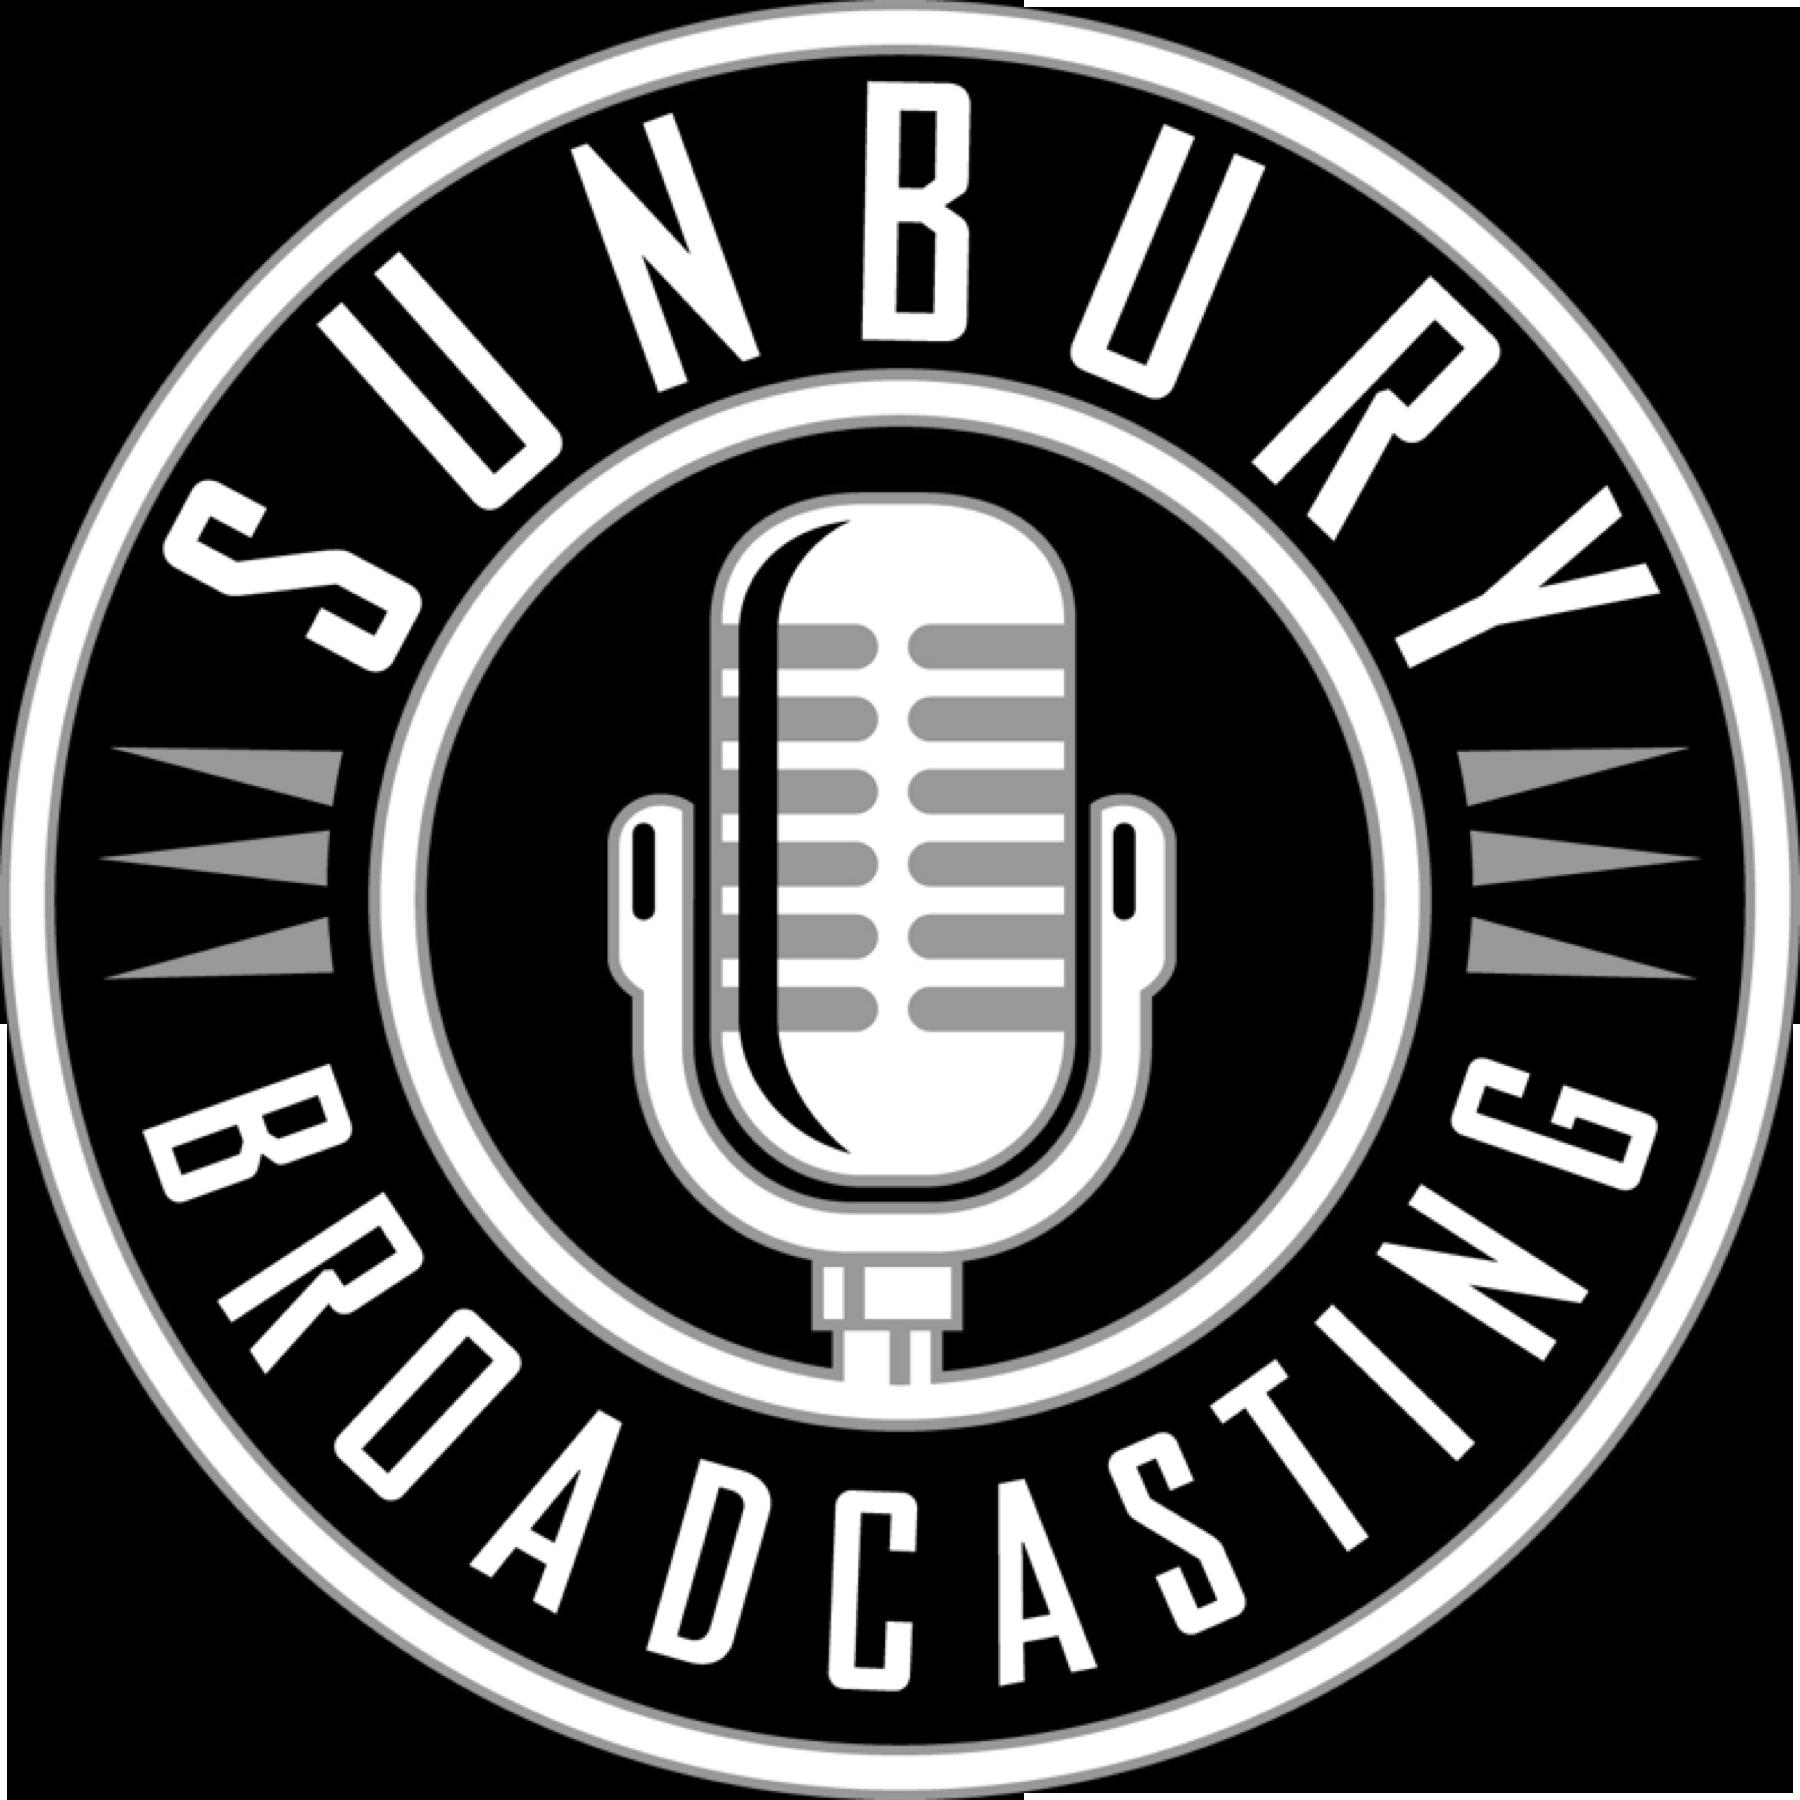 171 Sunbury Broadcasting